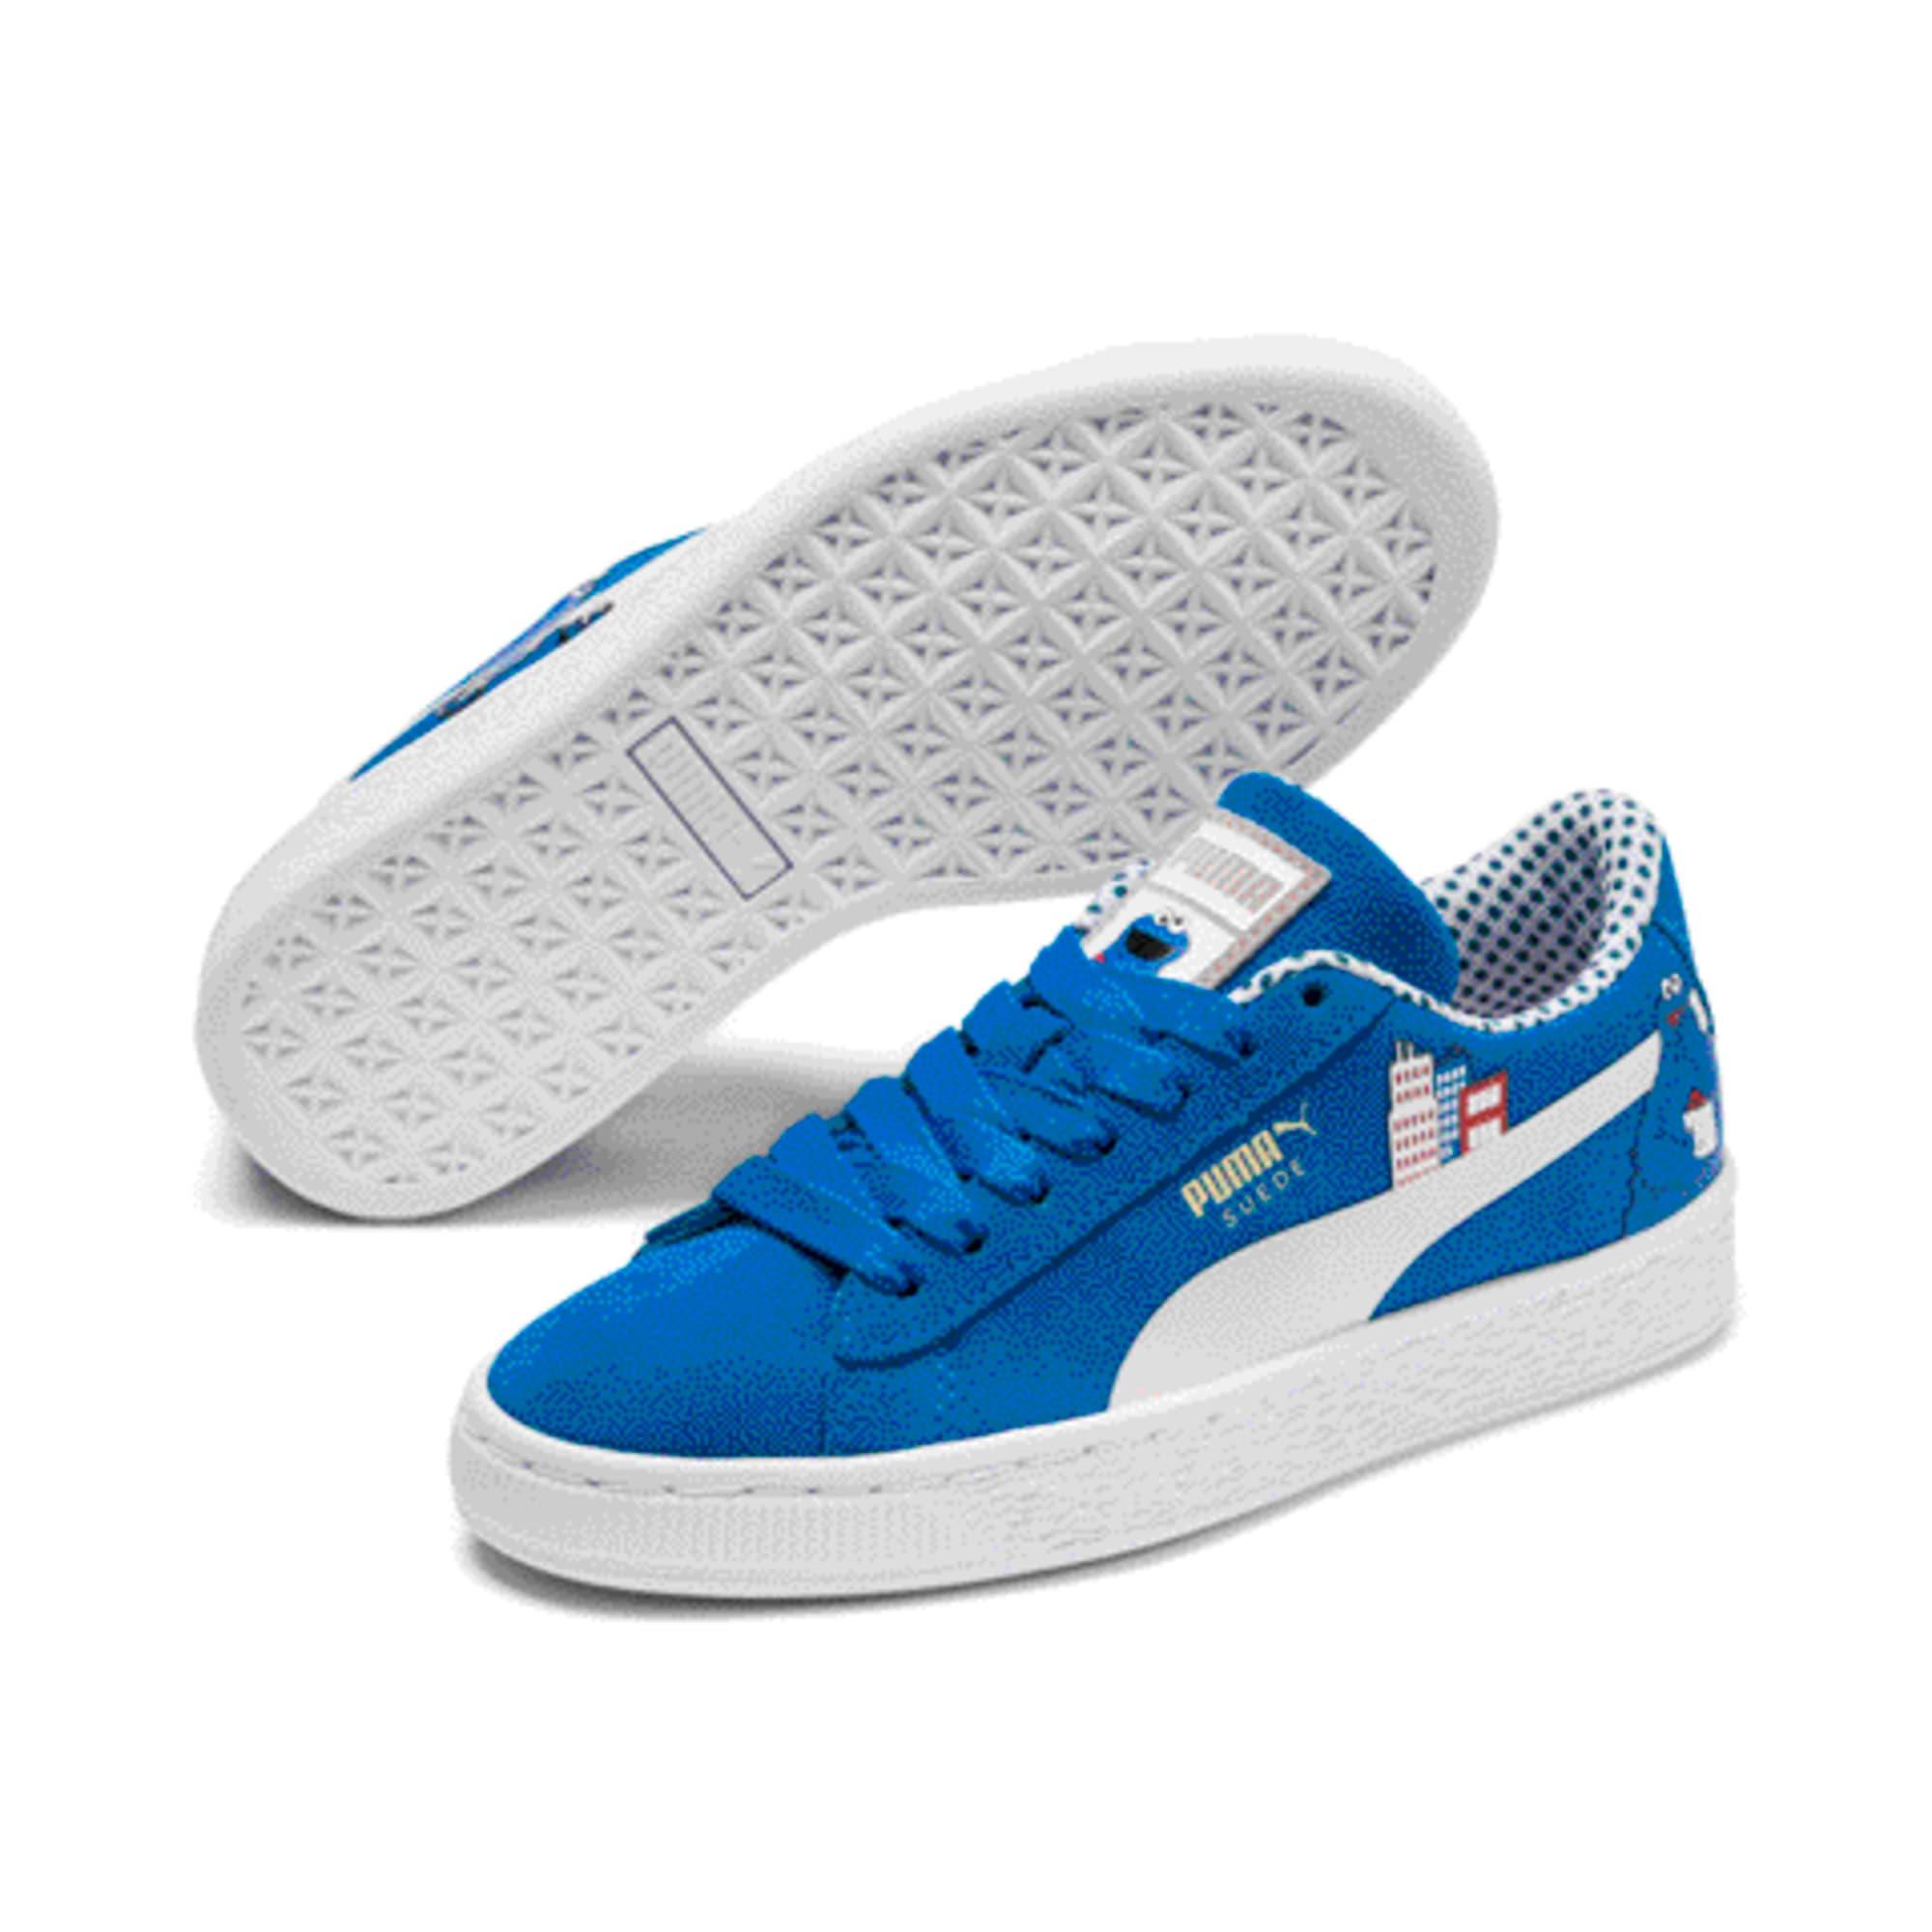 Miniatura 2 de Zapatos deportivosSesame Street 50 Suede para junior, Indigo Bunting-Veiled Rose, mediano